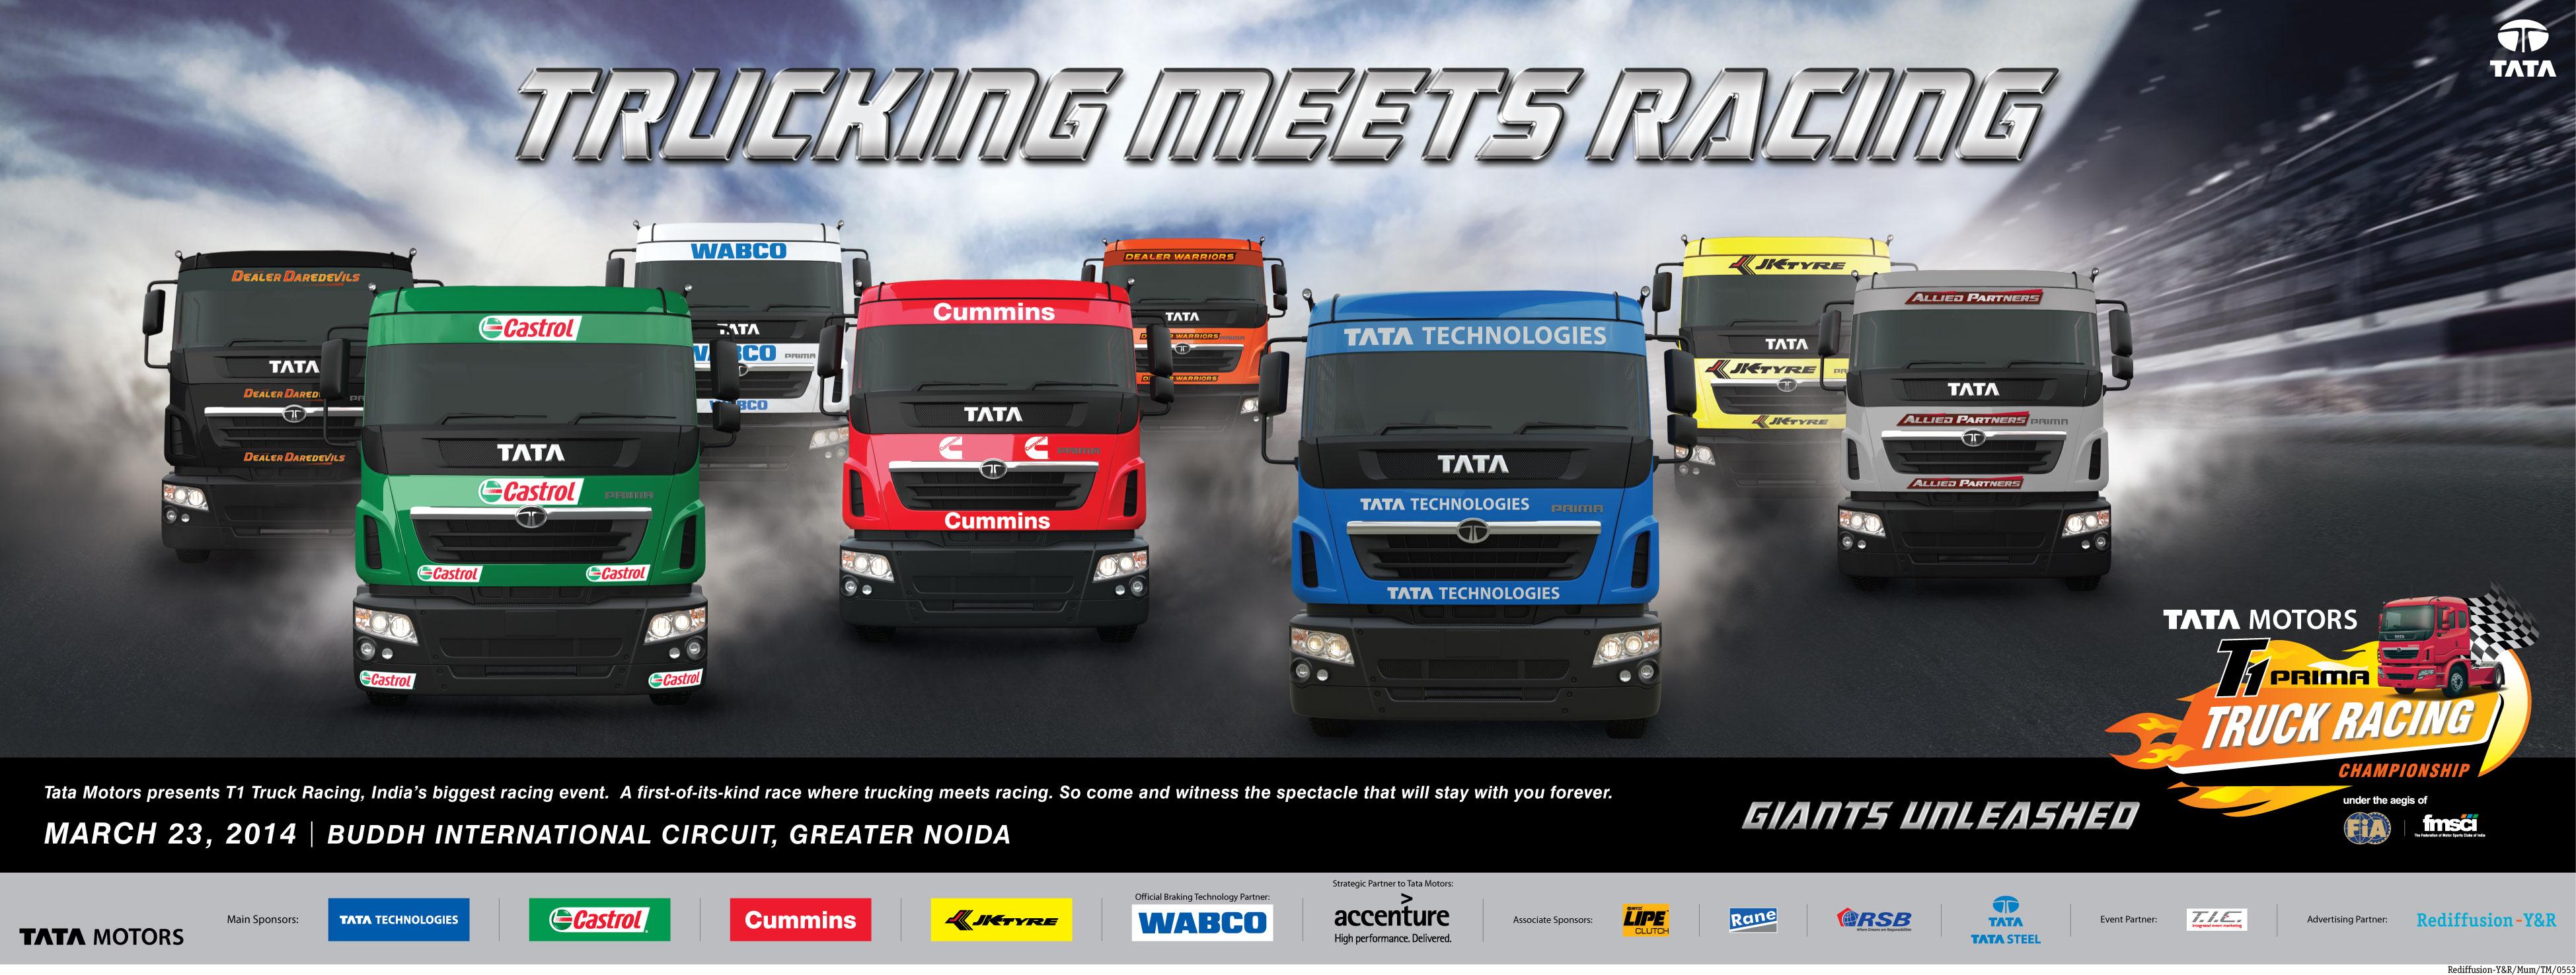 2014-03-0553-TATA MOTORS_T1 Truck Racing Press ad 66X25 cm-01 (1)   INDIA in F1